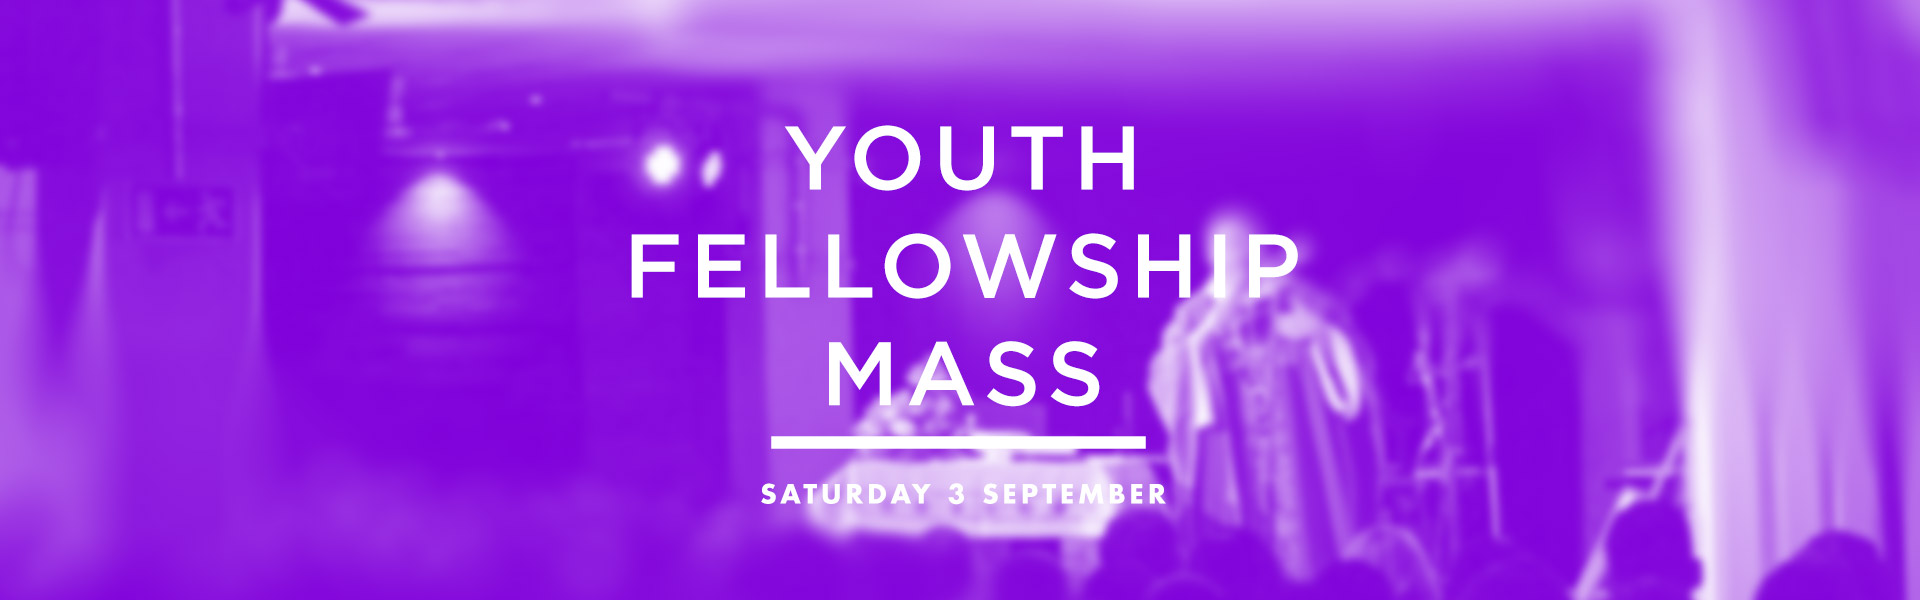 09-03-Youth-Mass600